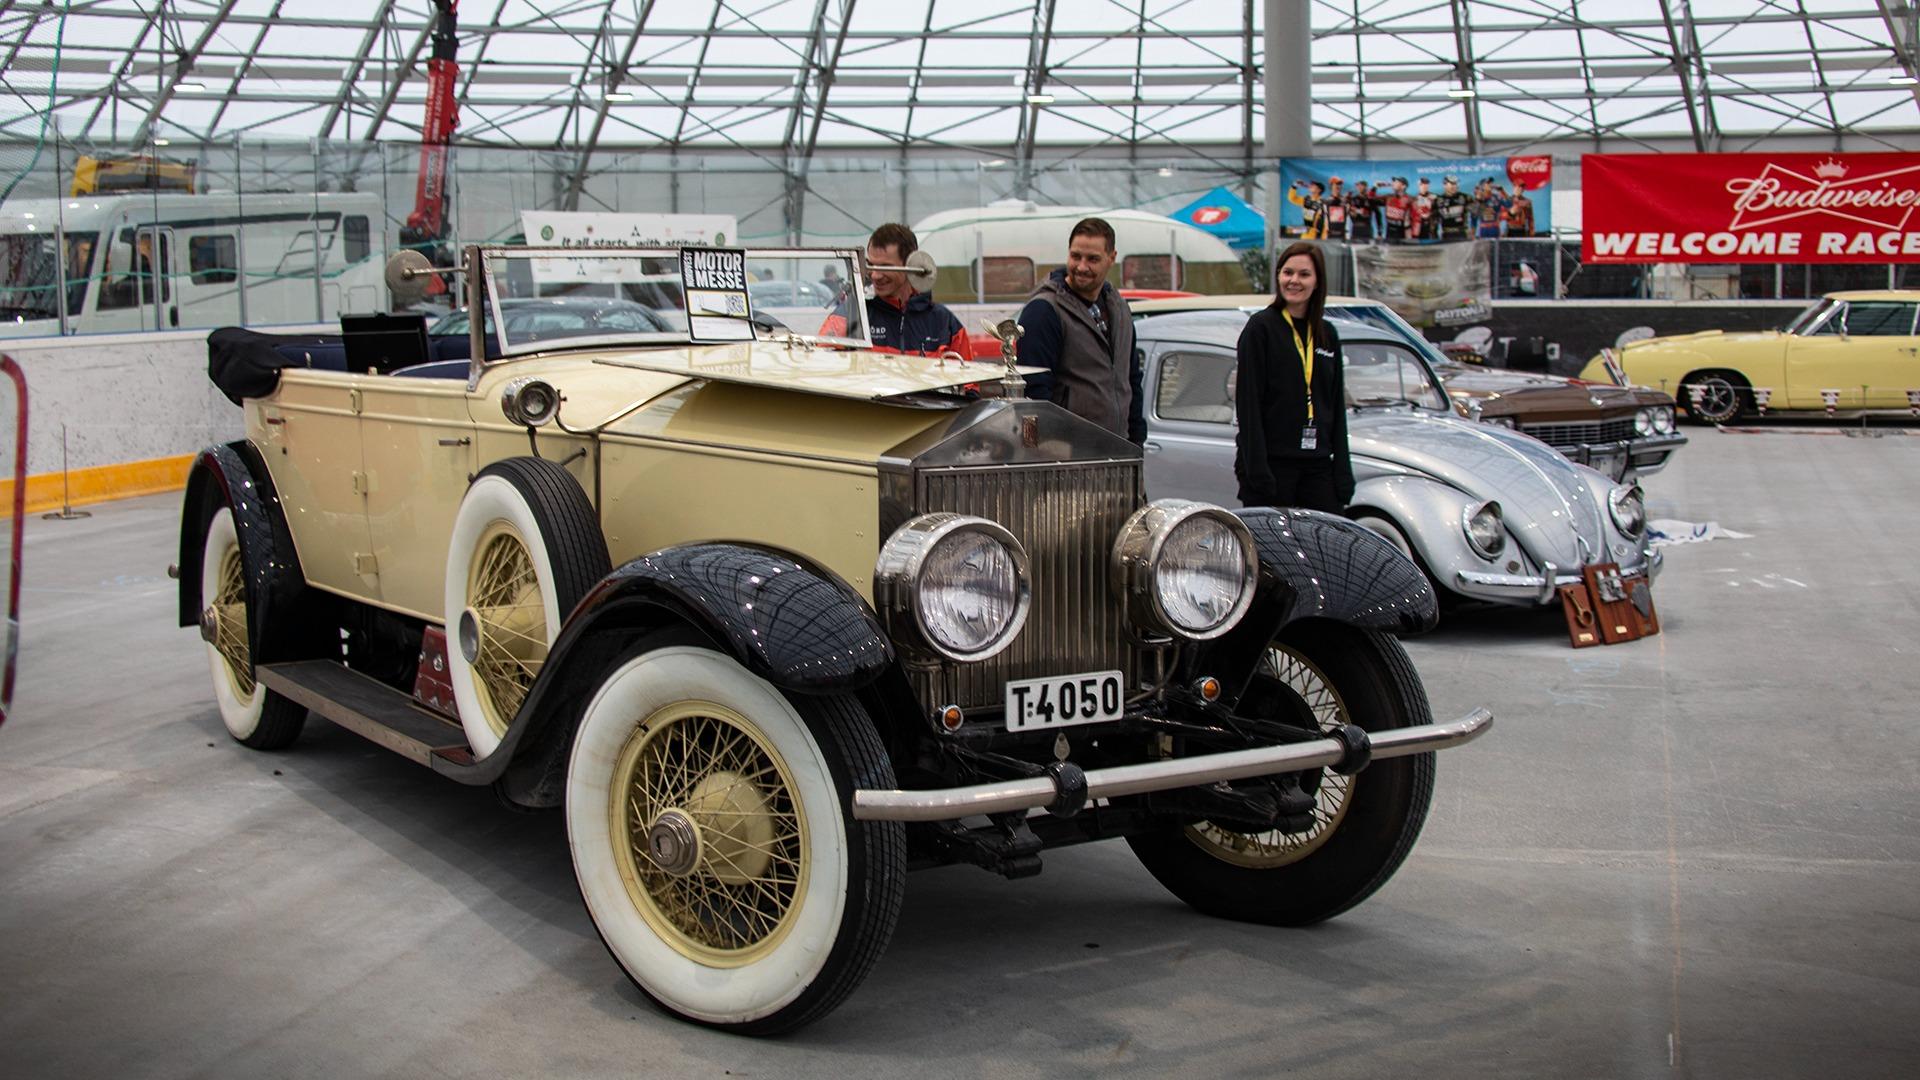 Det blir knapt mer massivt en dette. En utrolig vakker Rolls-Royce Phantom 1 fra 1928.